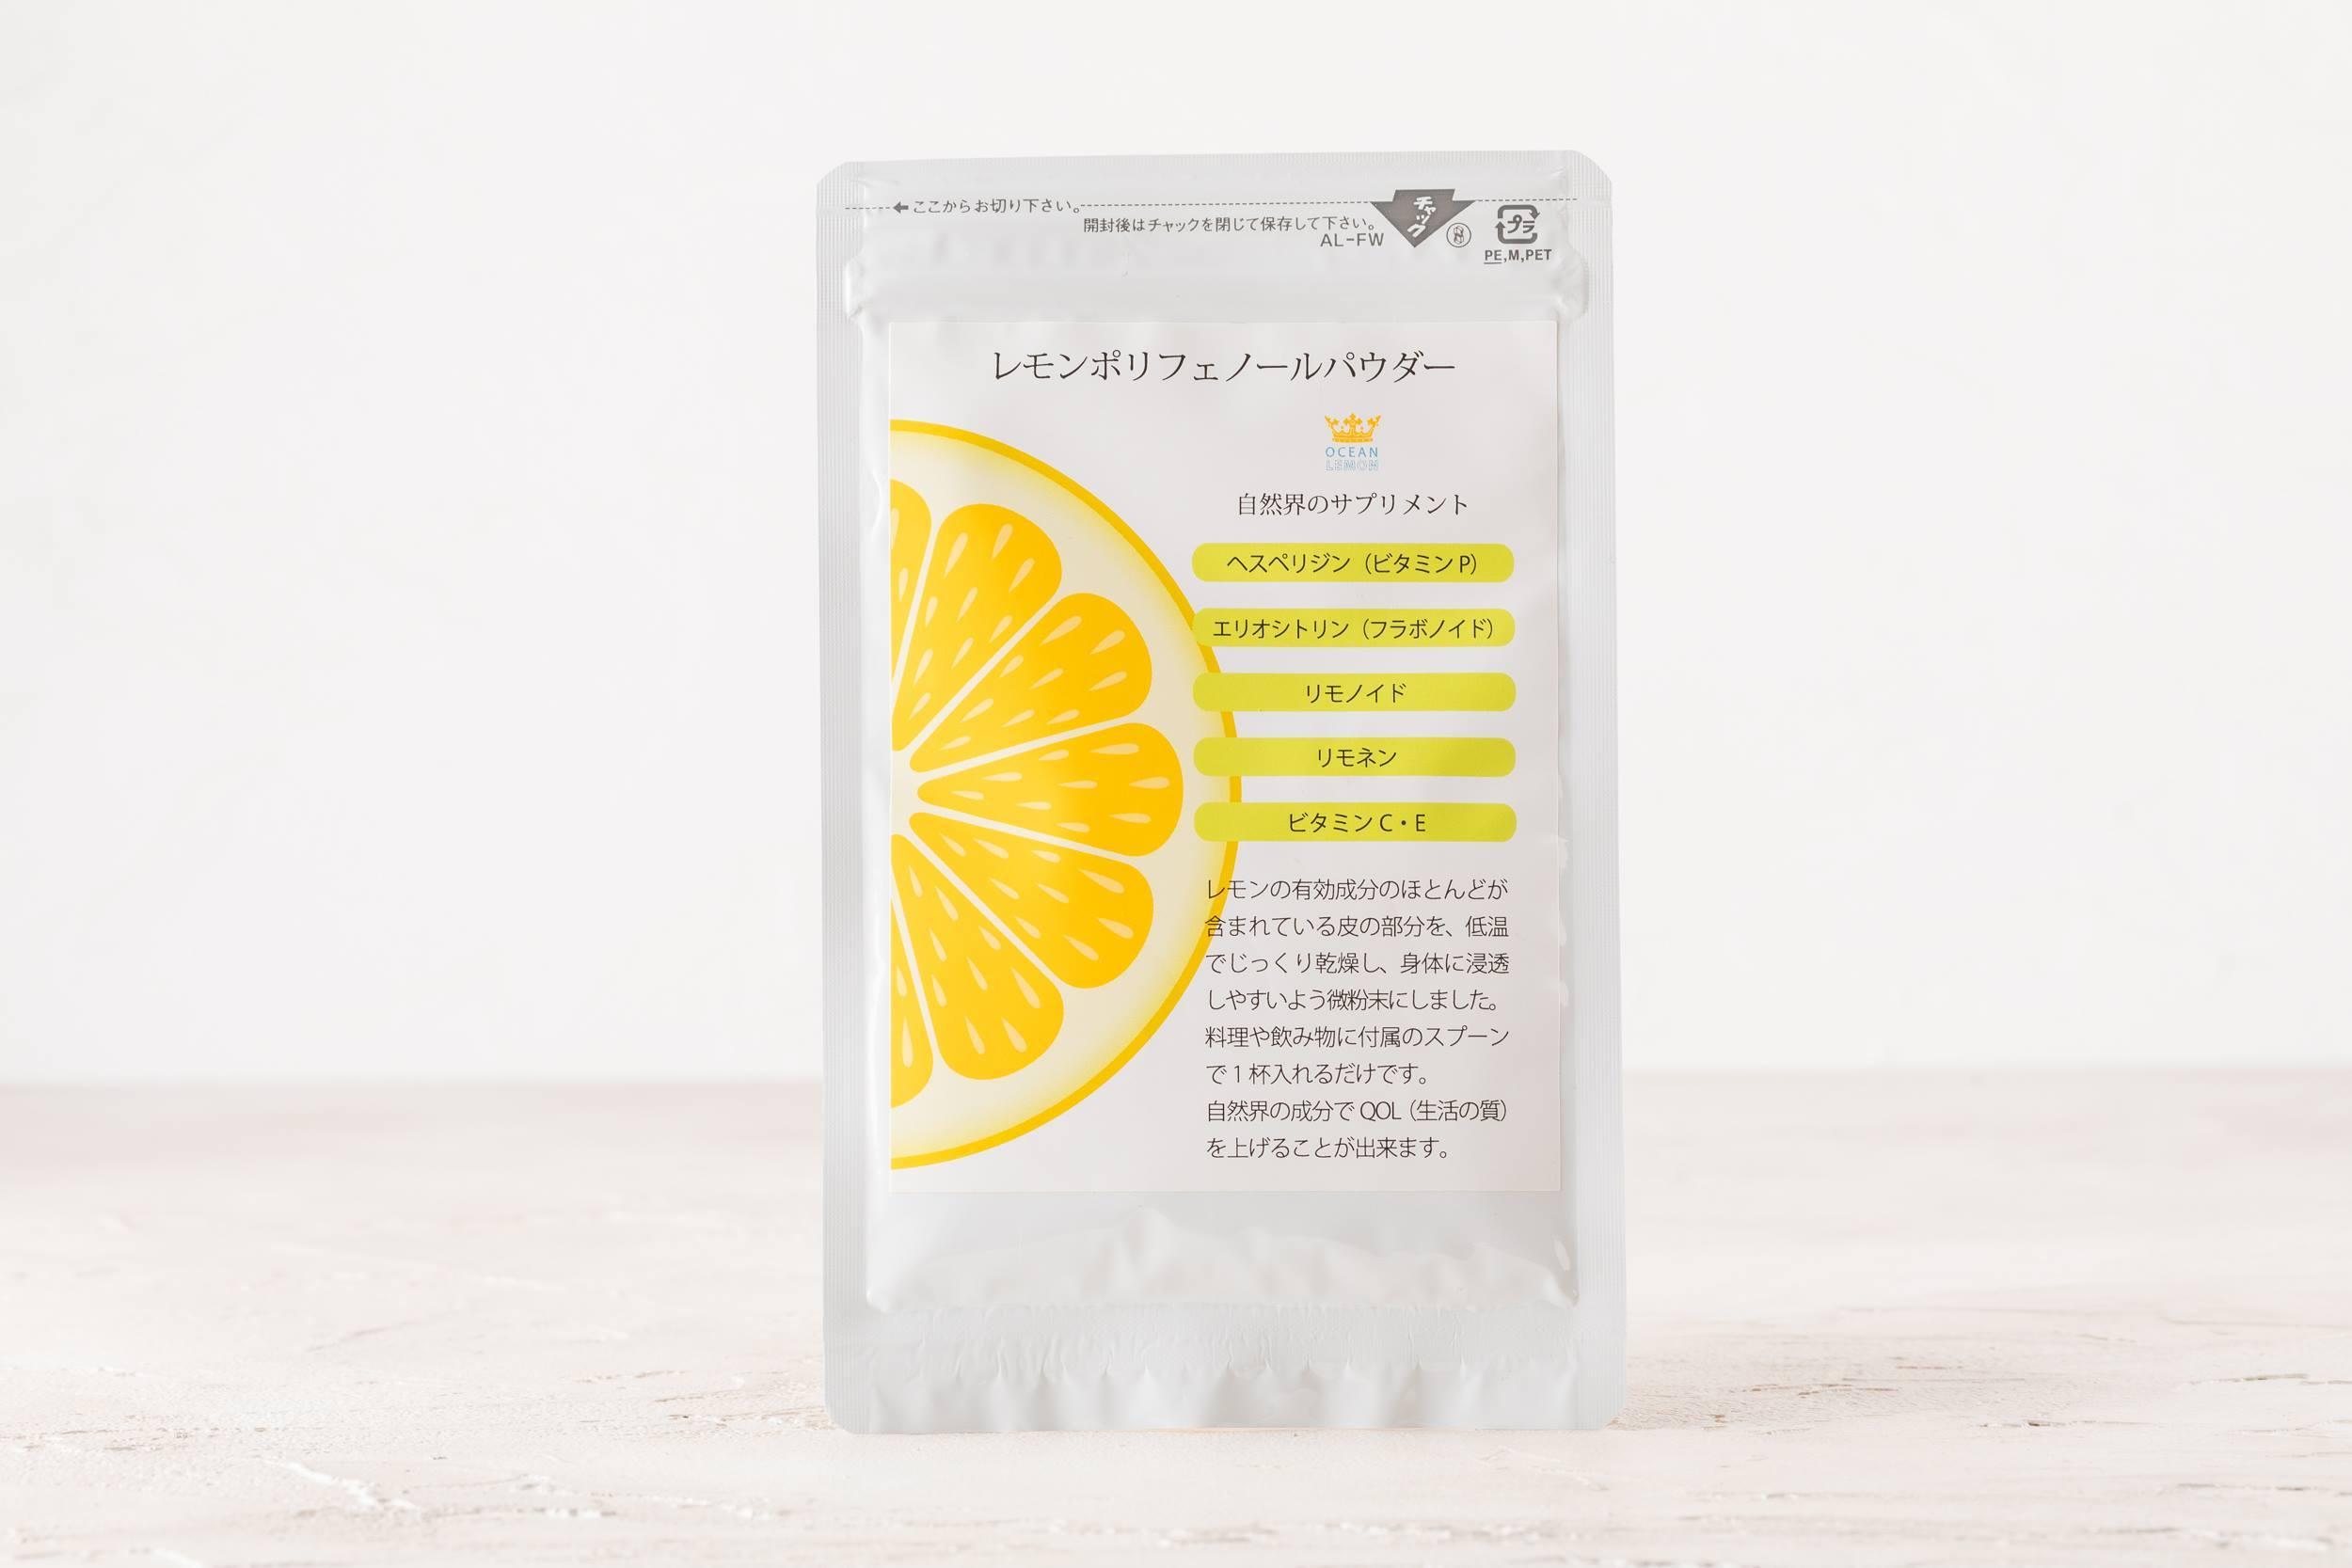 レモンポリフェノールパウダー